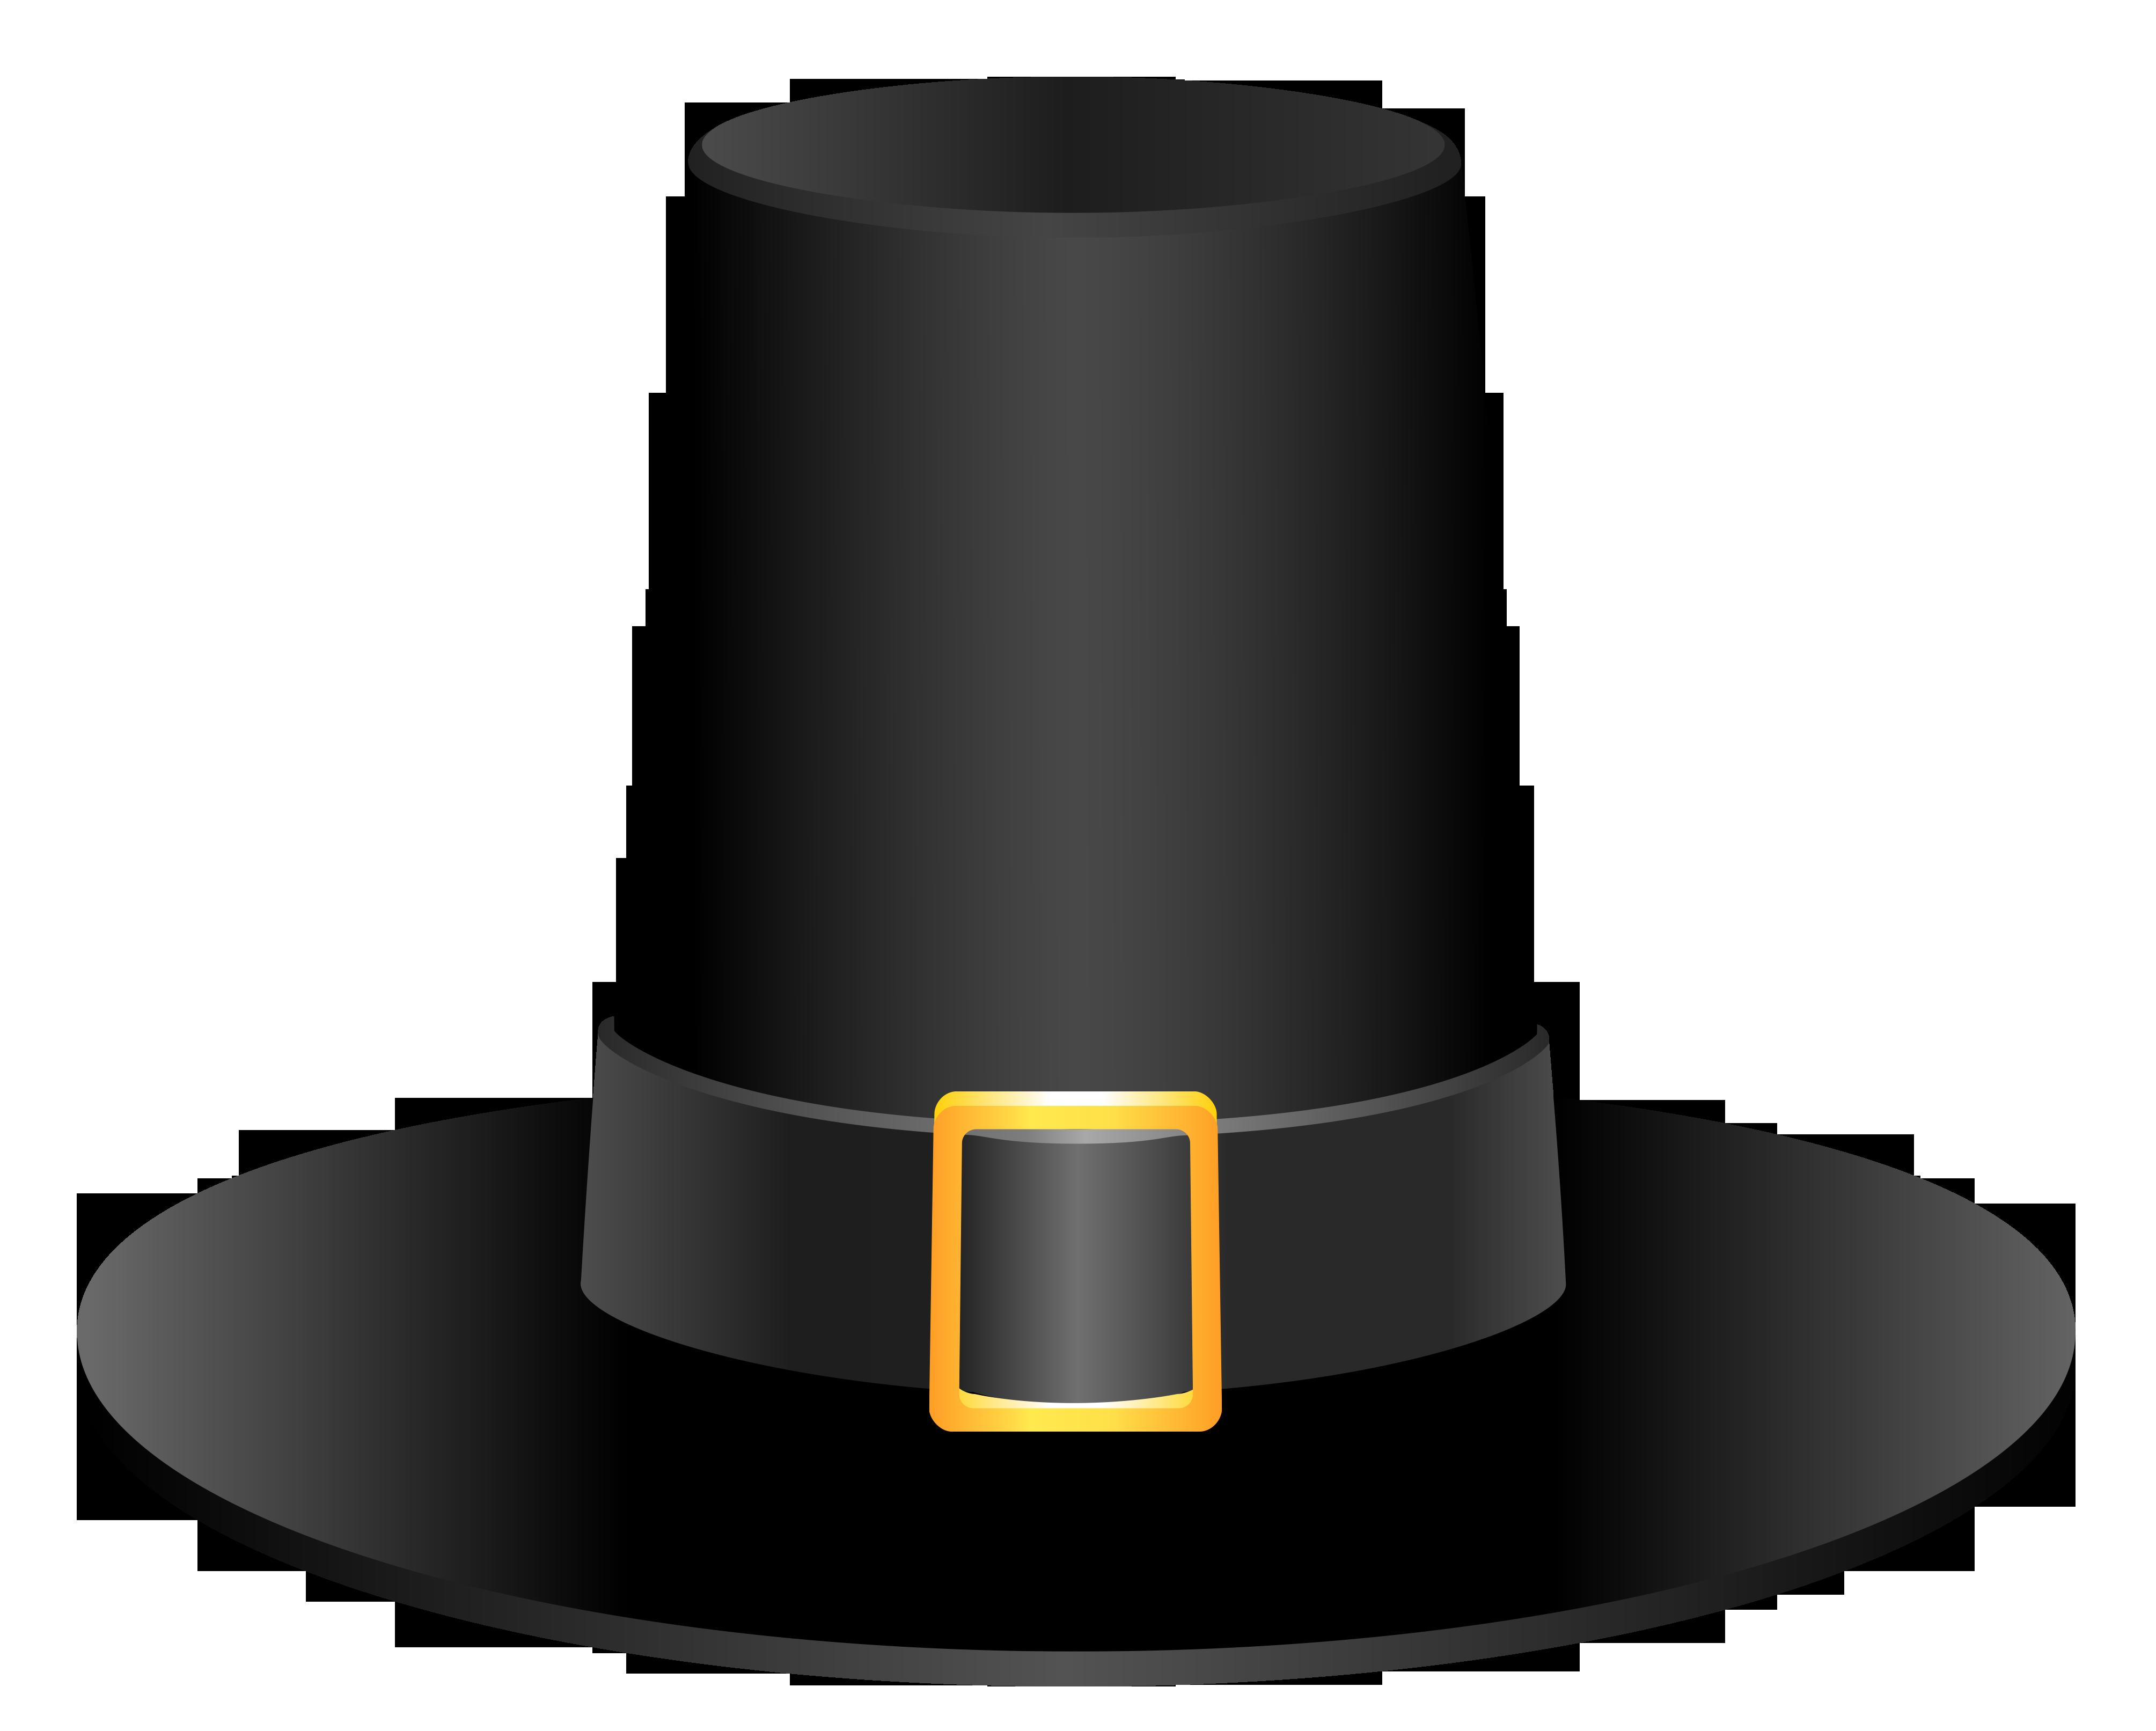 pilgrim hat clipart free - photo #4